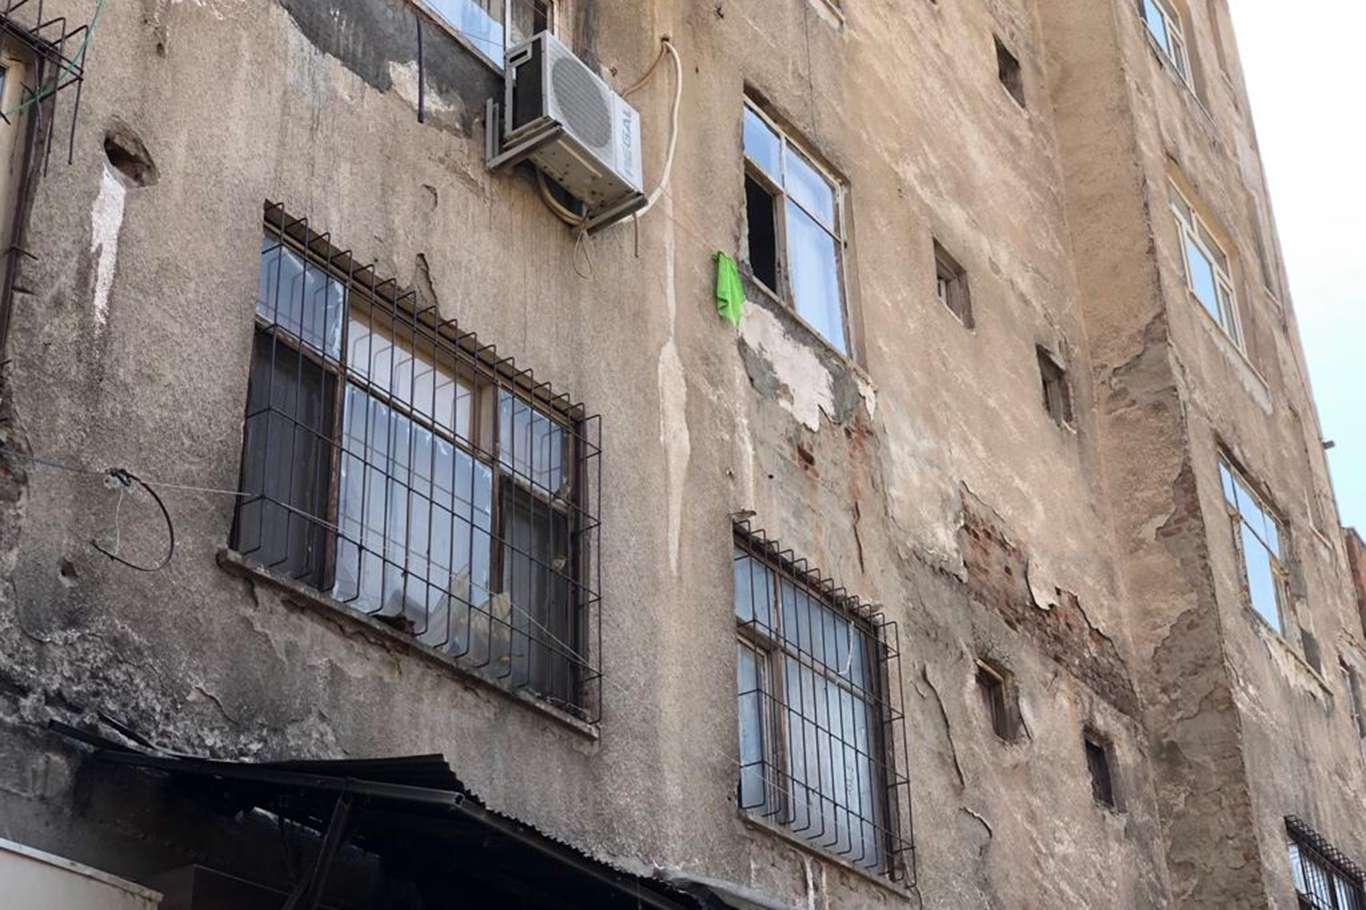 Kolonları zarar gören bina tehlike saçıyor